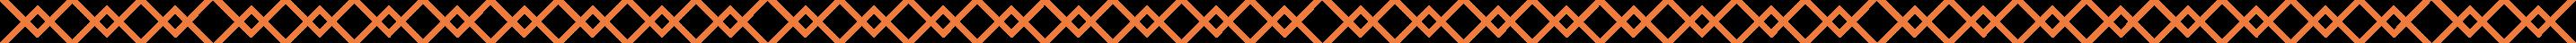 pikeos_carta_separador